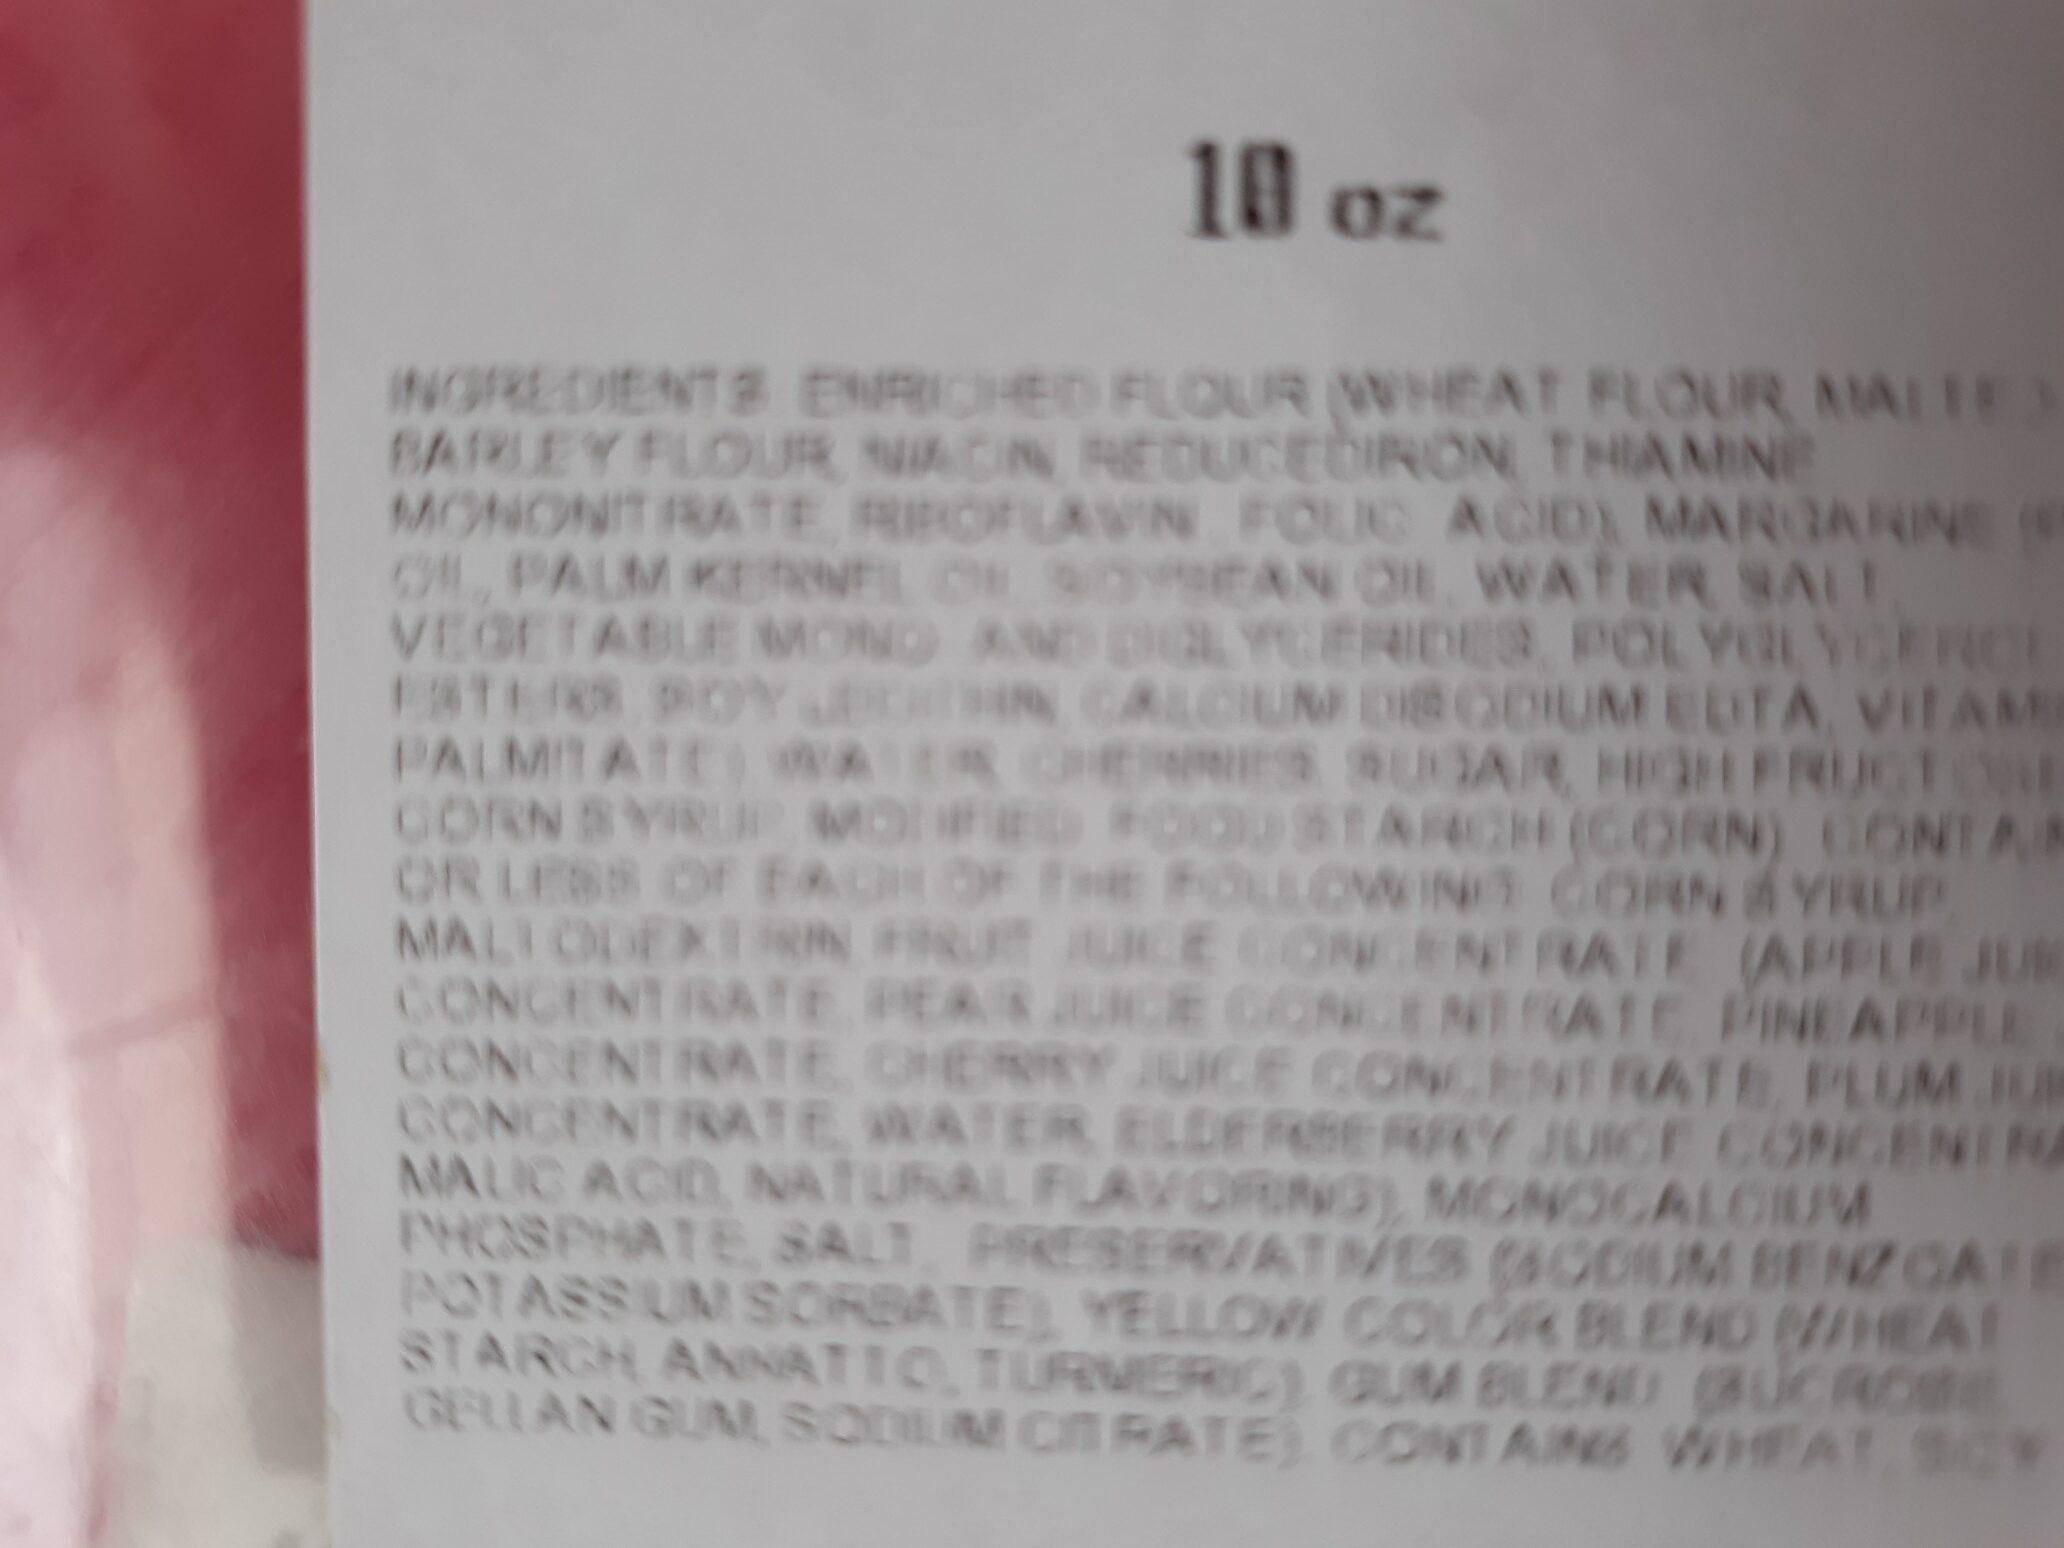 cherry turnover - Ingredients - en